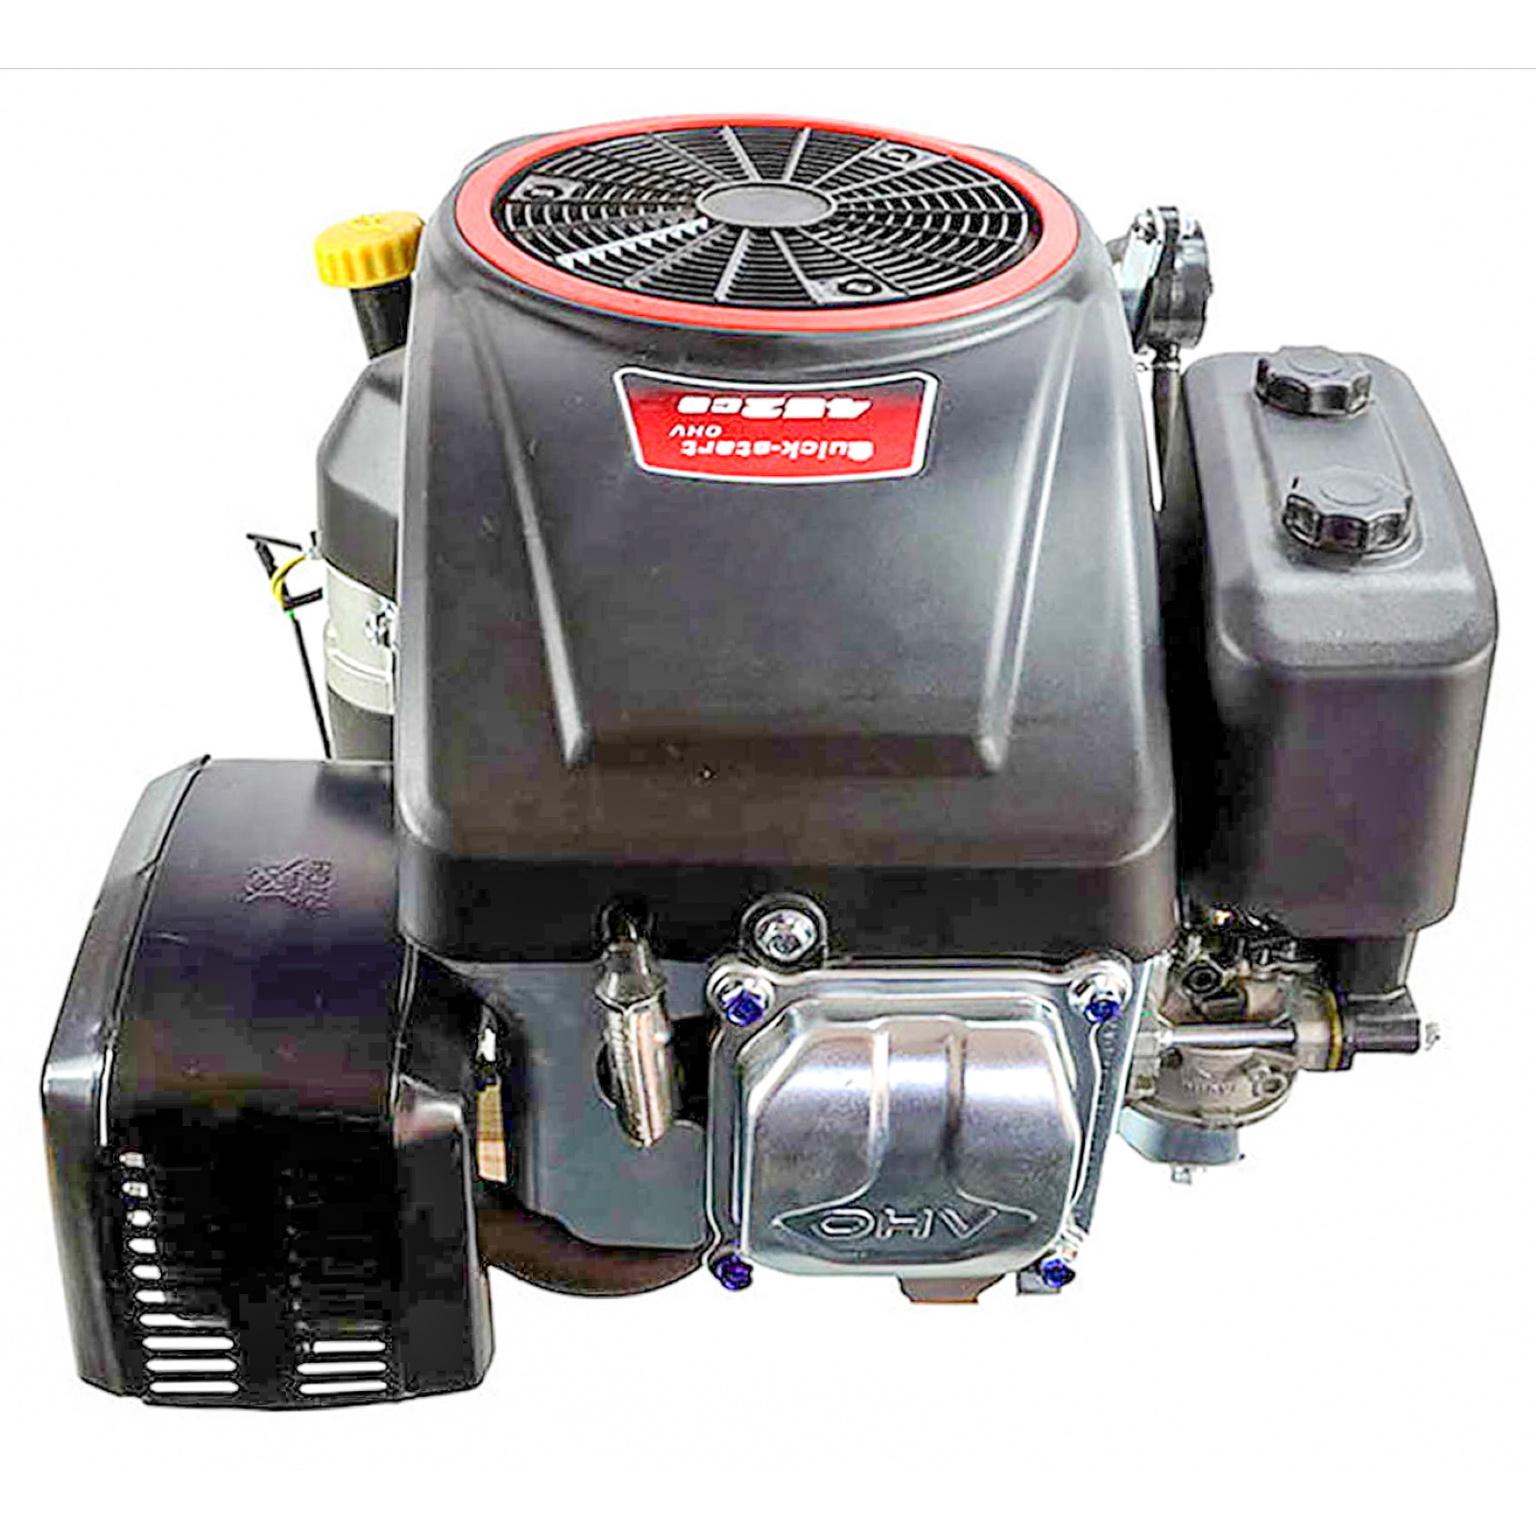 16hp Vertical Shaft Lawn Mower Engine Motor Petrol 4 Etc